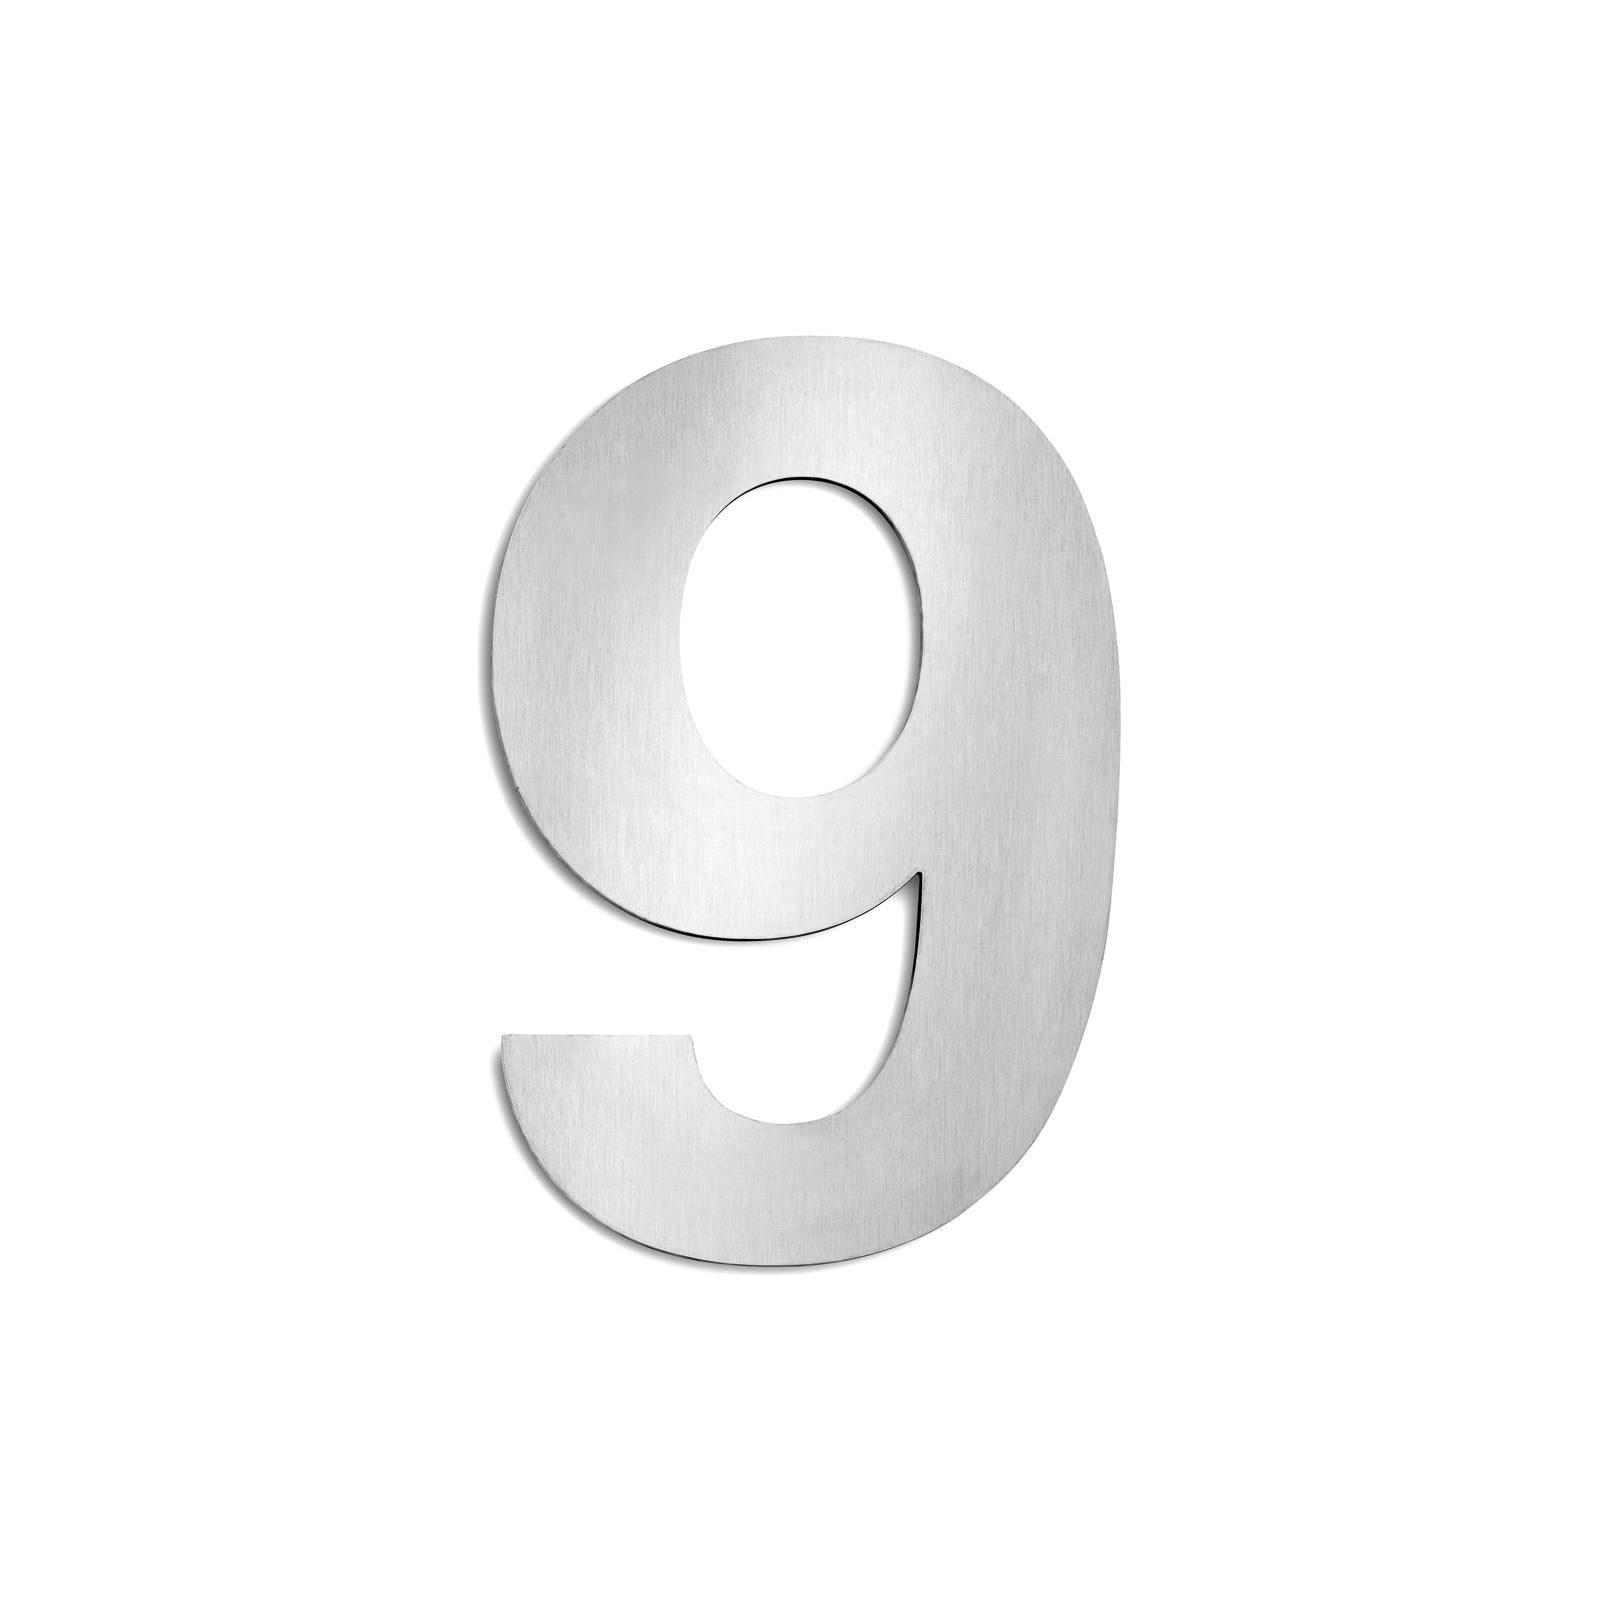 Domovní čísla z ušlechtilé oceli velikost 9